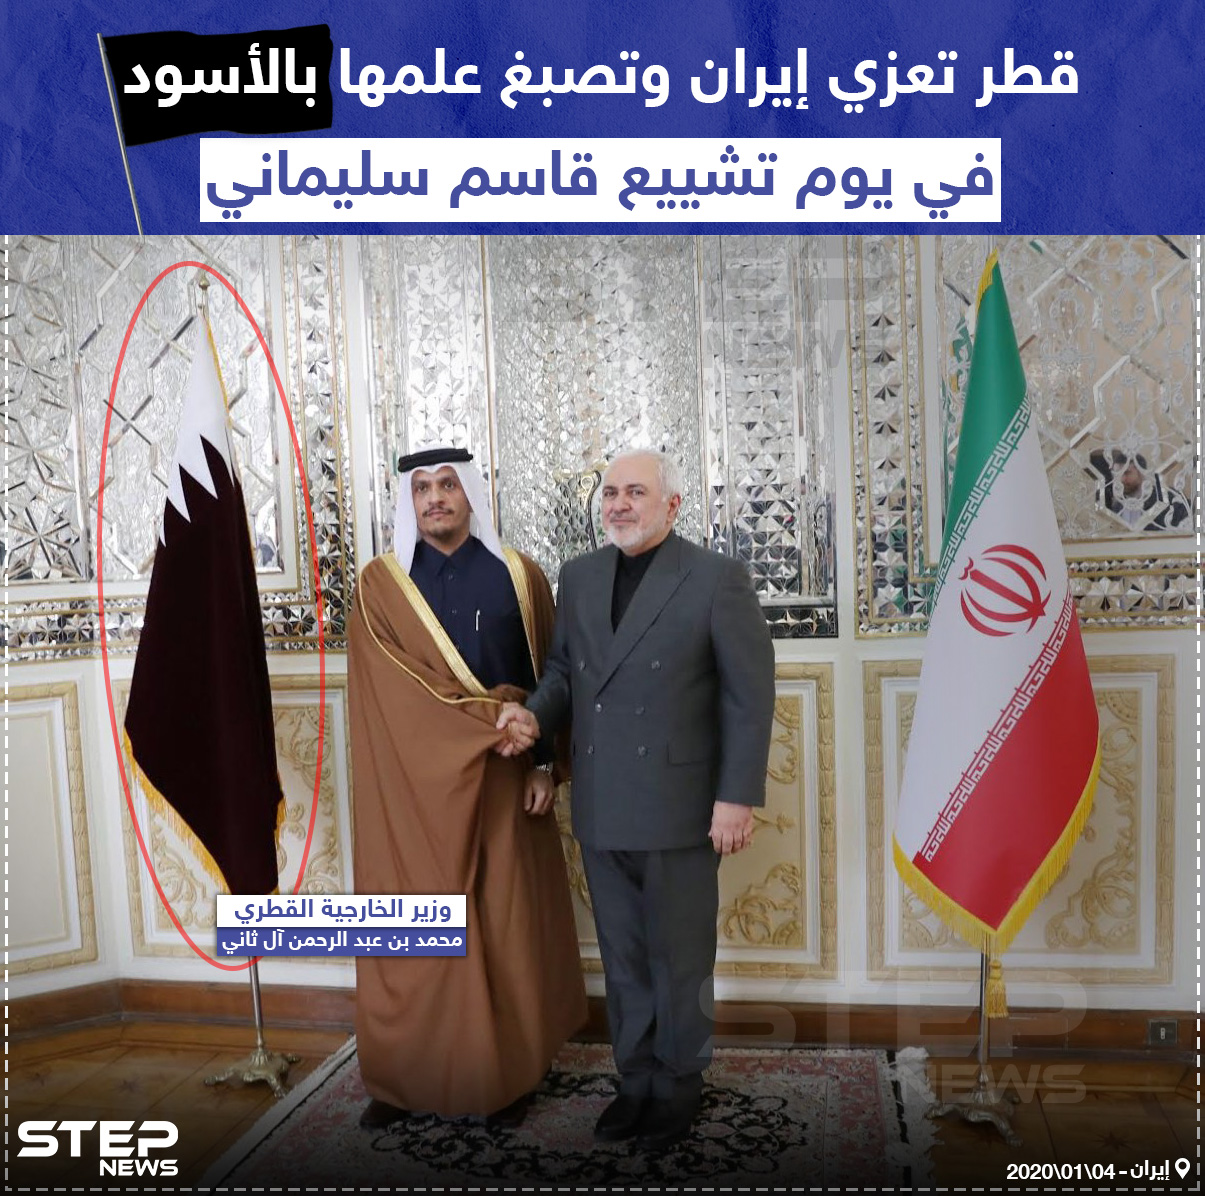 قطر تعزي إيران وتصبغ علم بلادها بالأسود في يوم تشييع قاسم سليماني